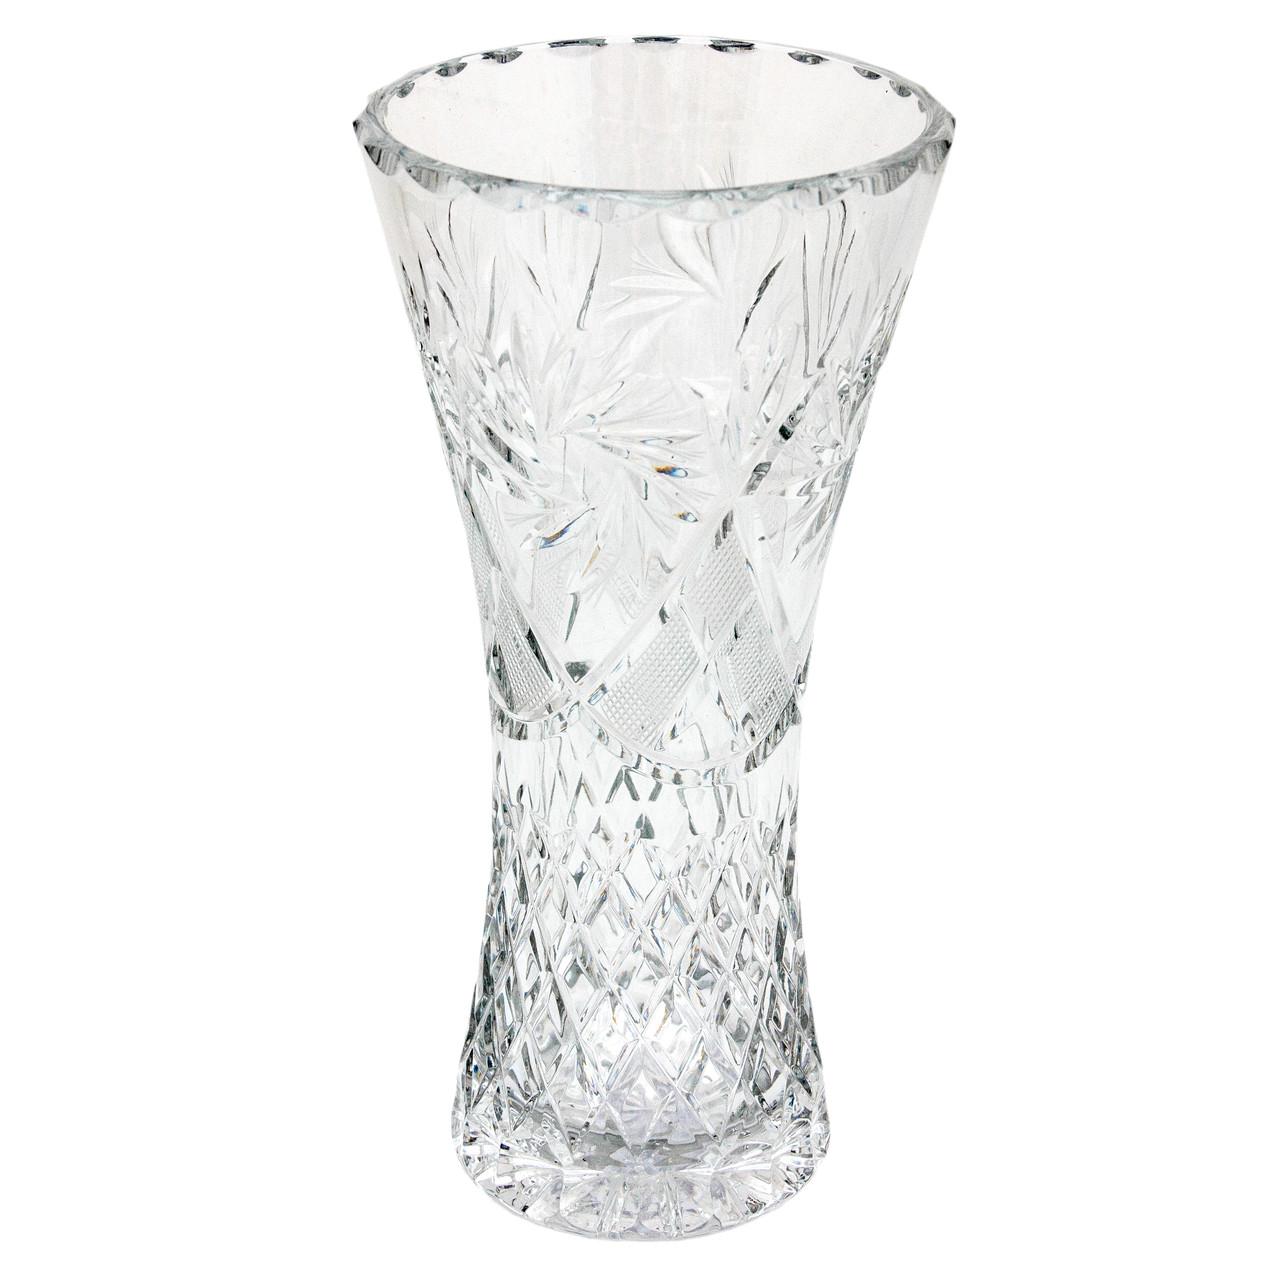 Хрустальная ваза для цветов, 26,5 см (6210)